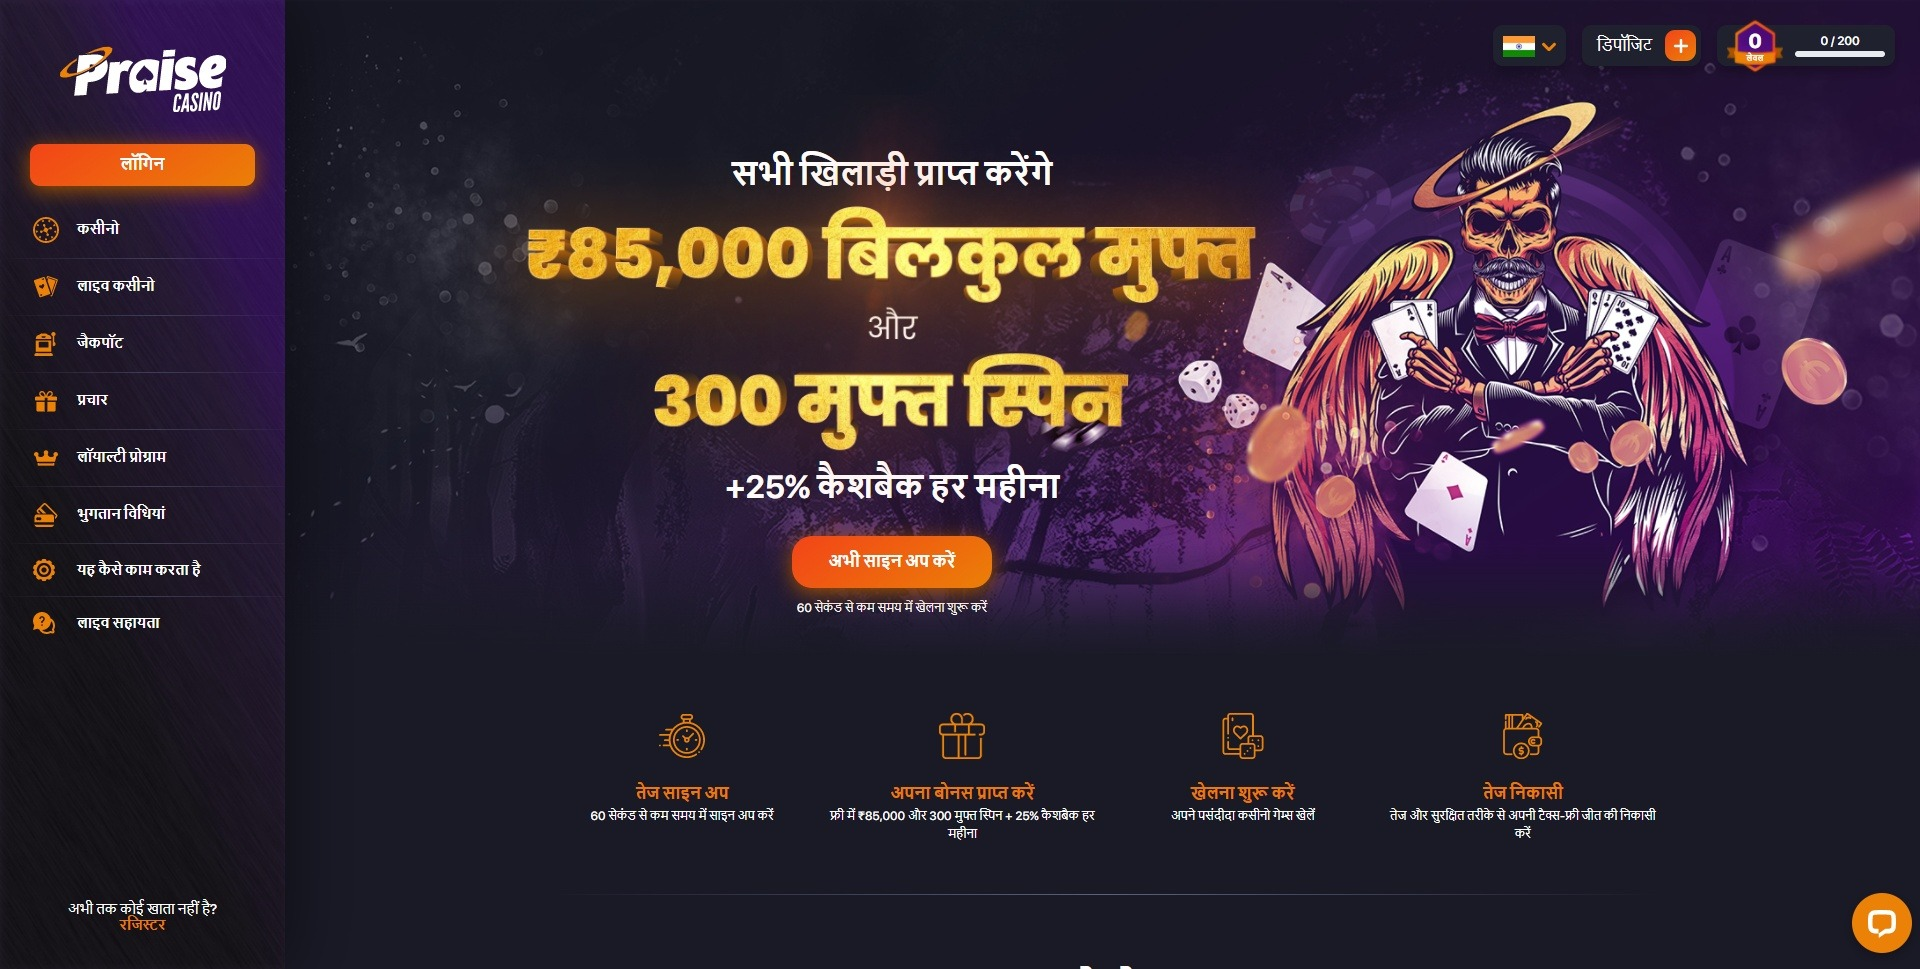 Praise Casino Review India